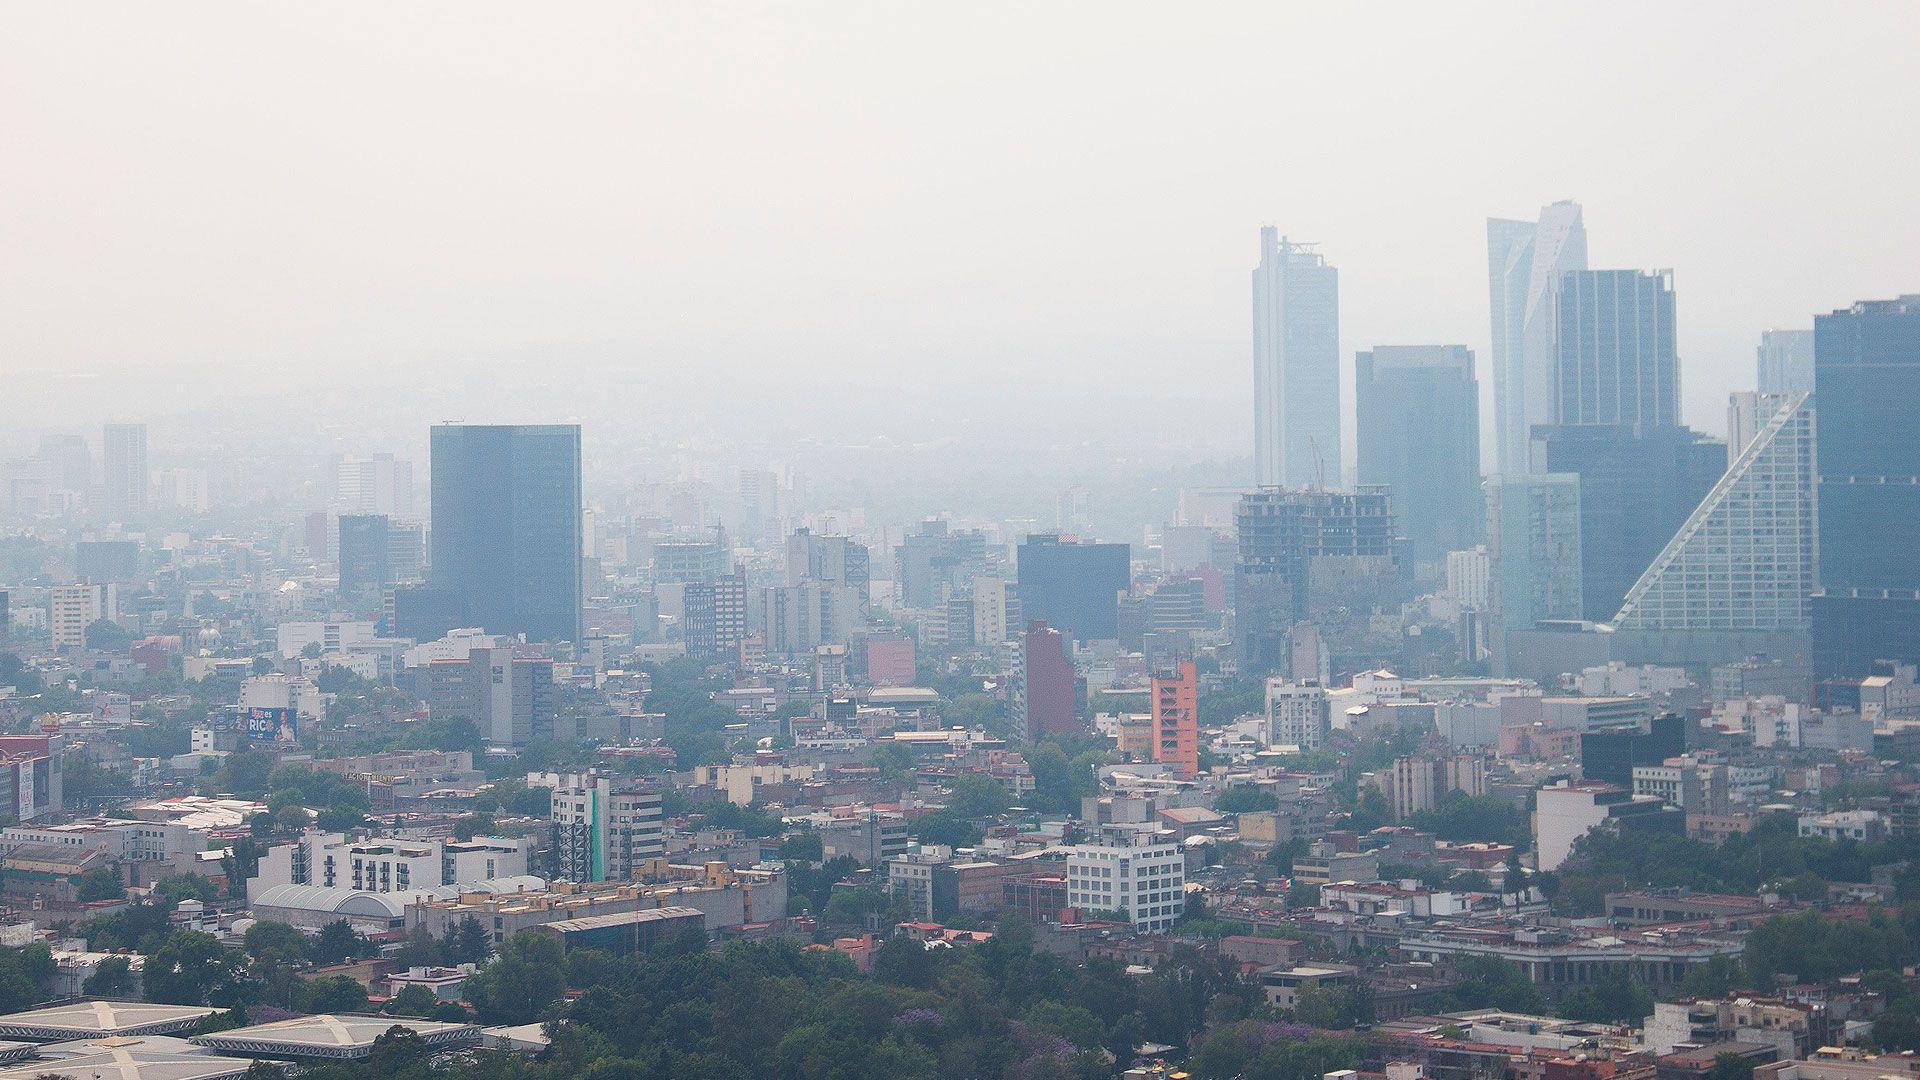 En la pasada contingencia ambientalpasada, la Ciudad de México alcanzó niveles de160 microgramos por metro cúbico en partículas PM 2.5 (Foto: Cuartoscuro)